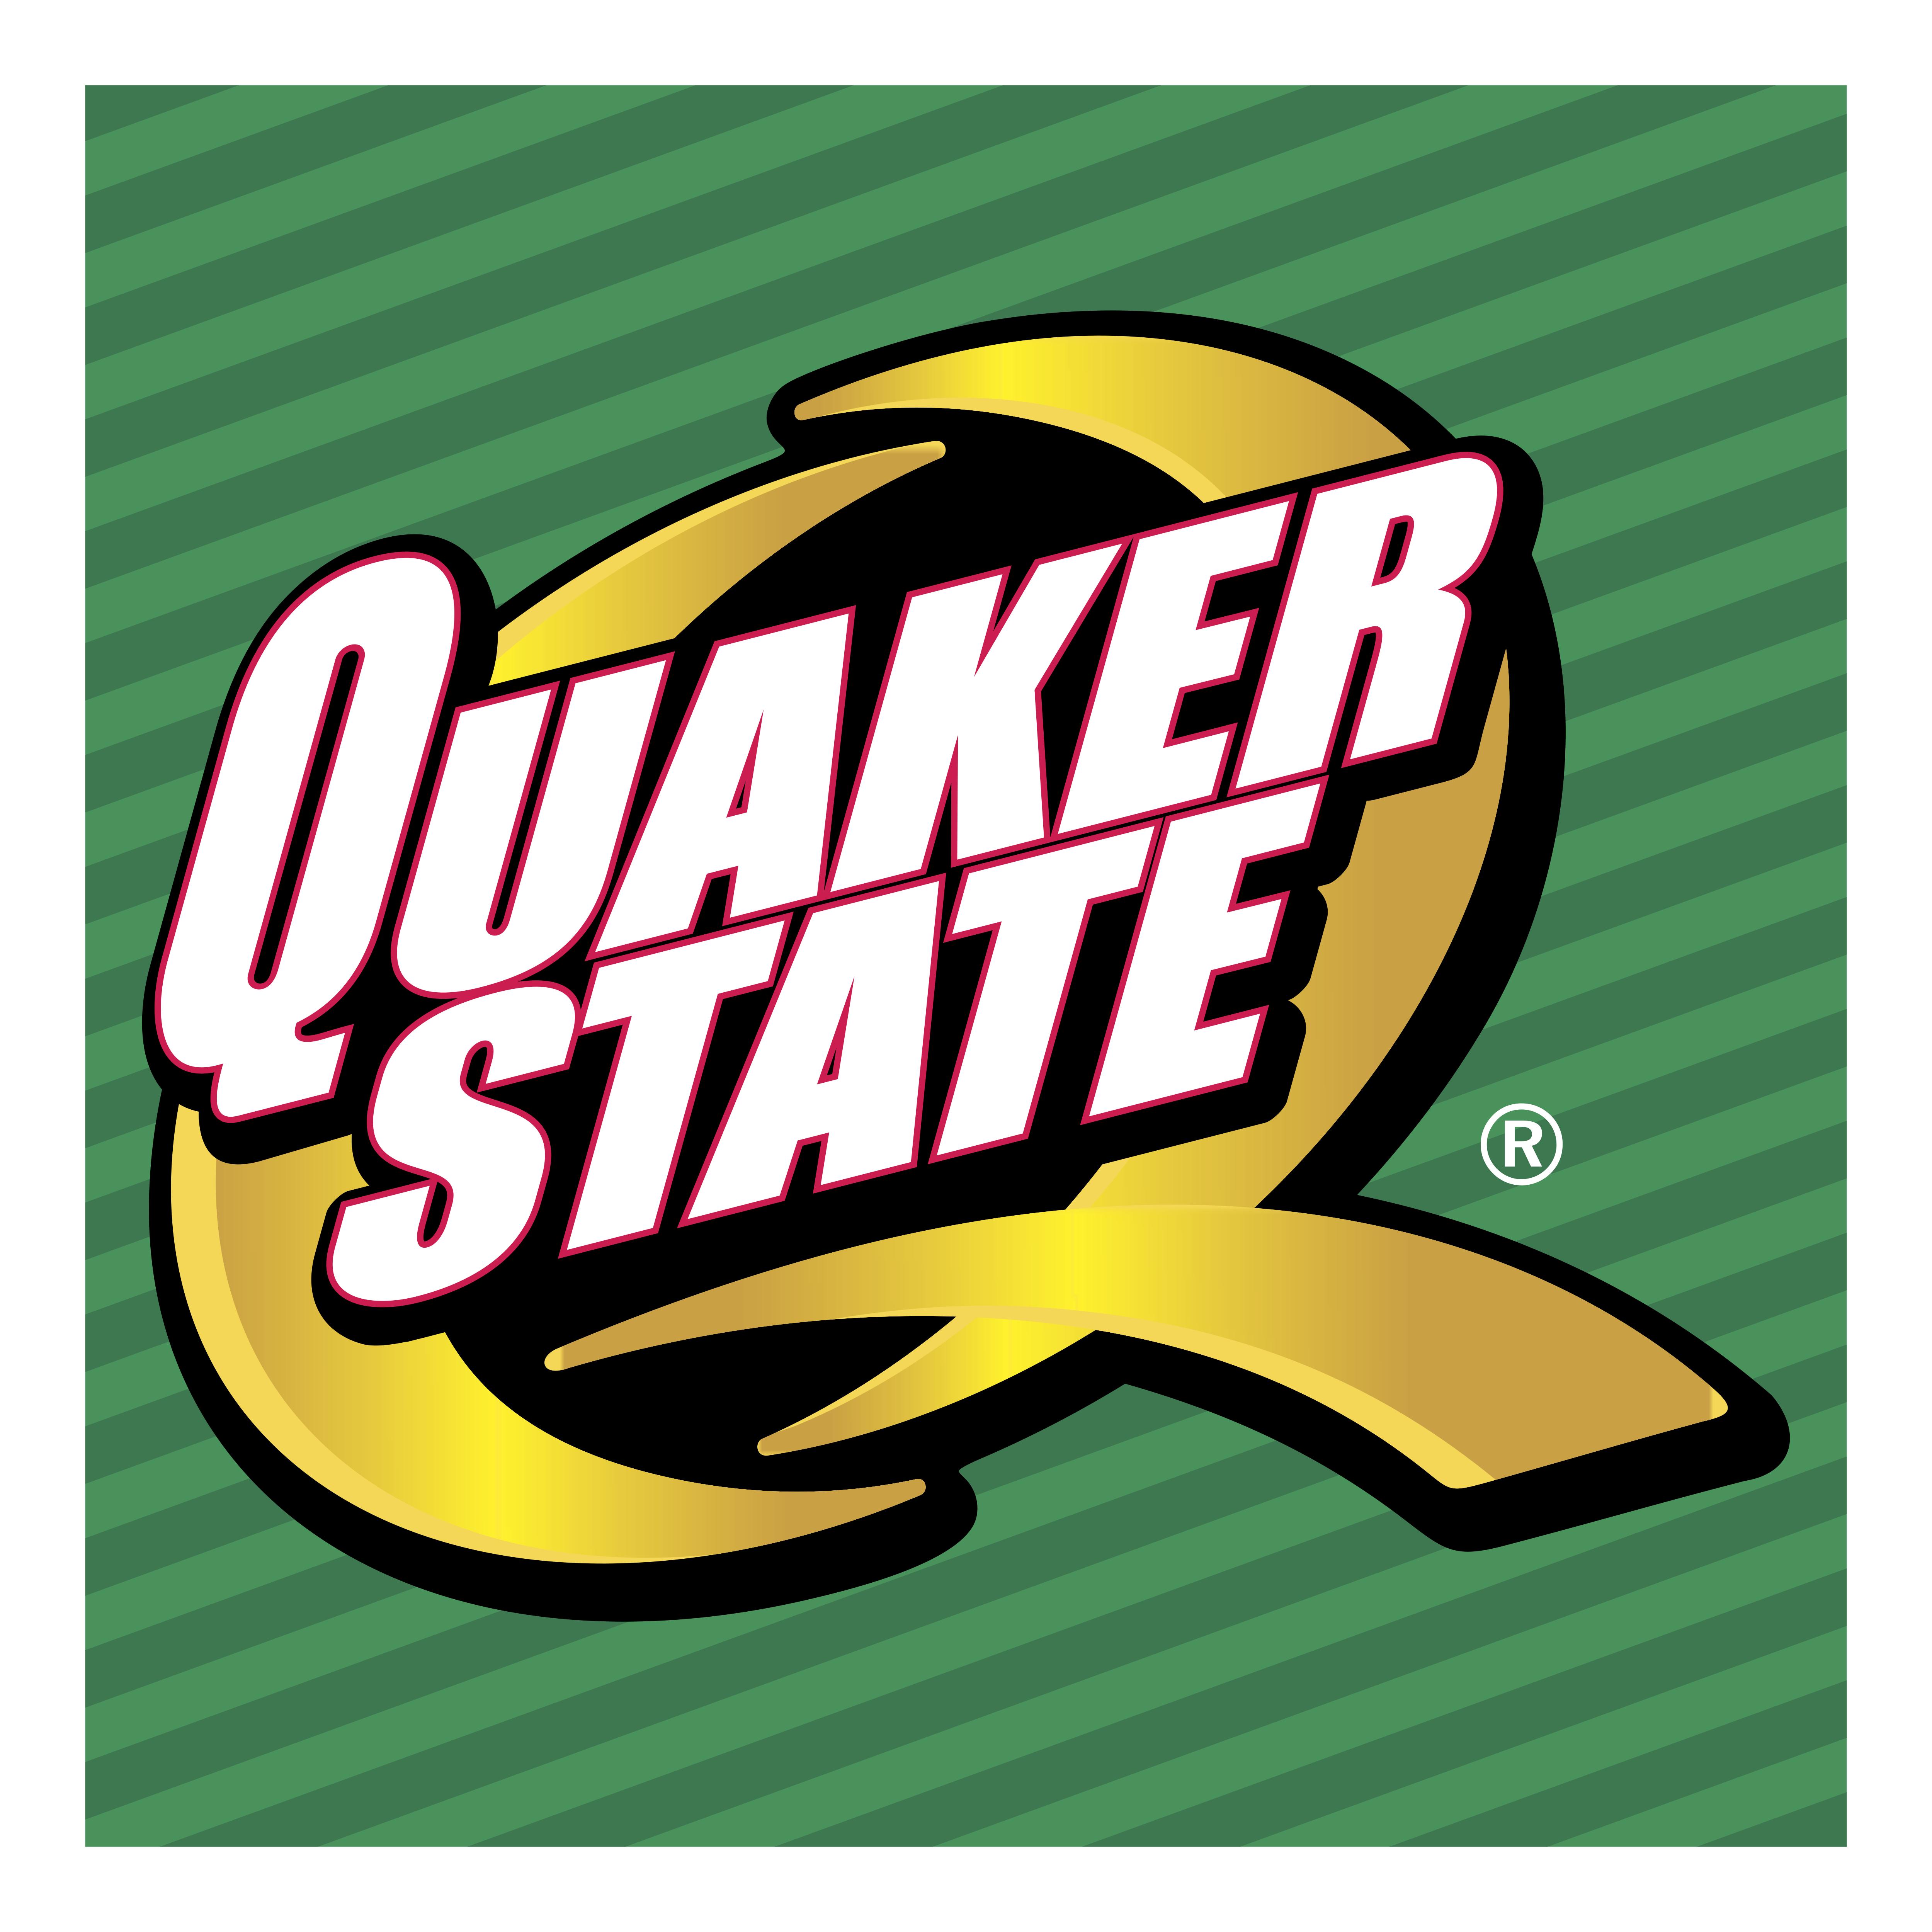 Quaker State.